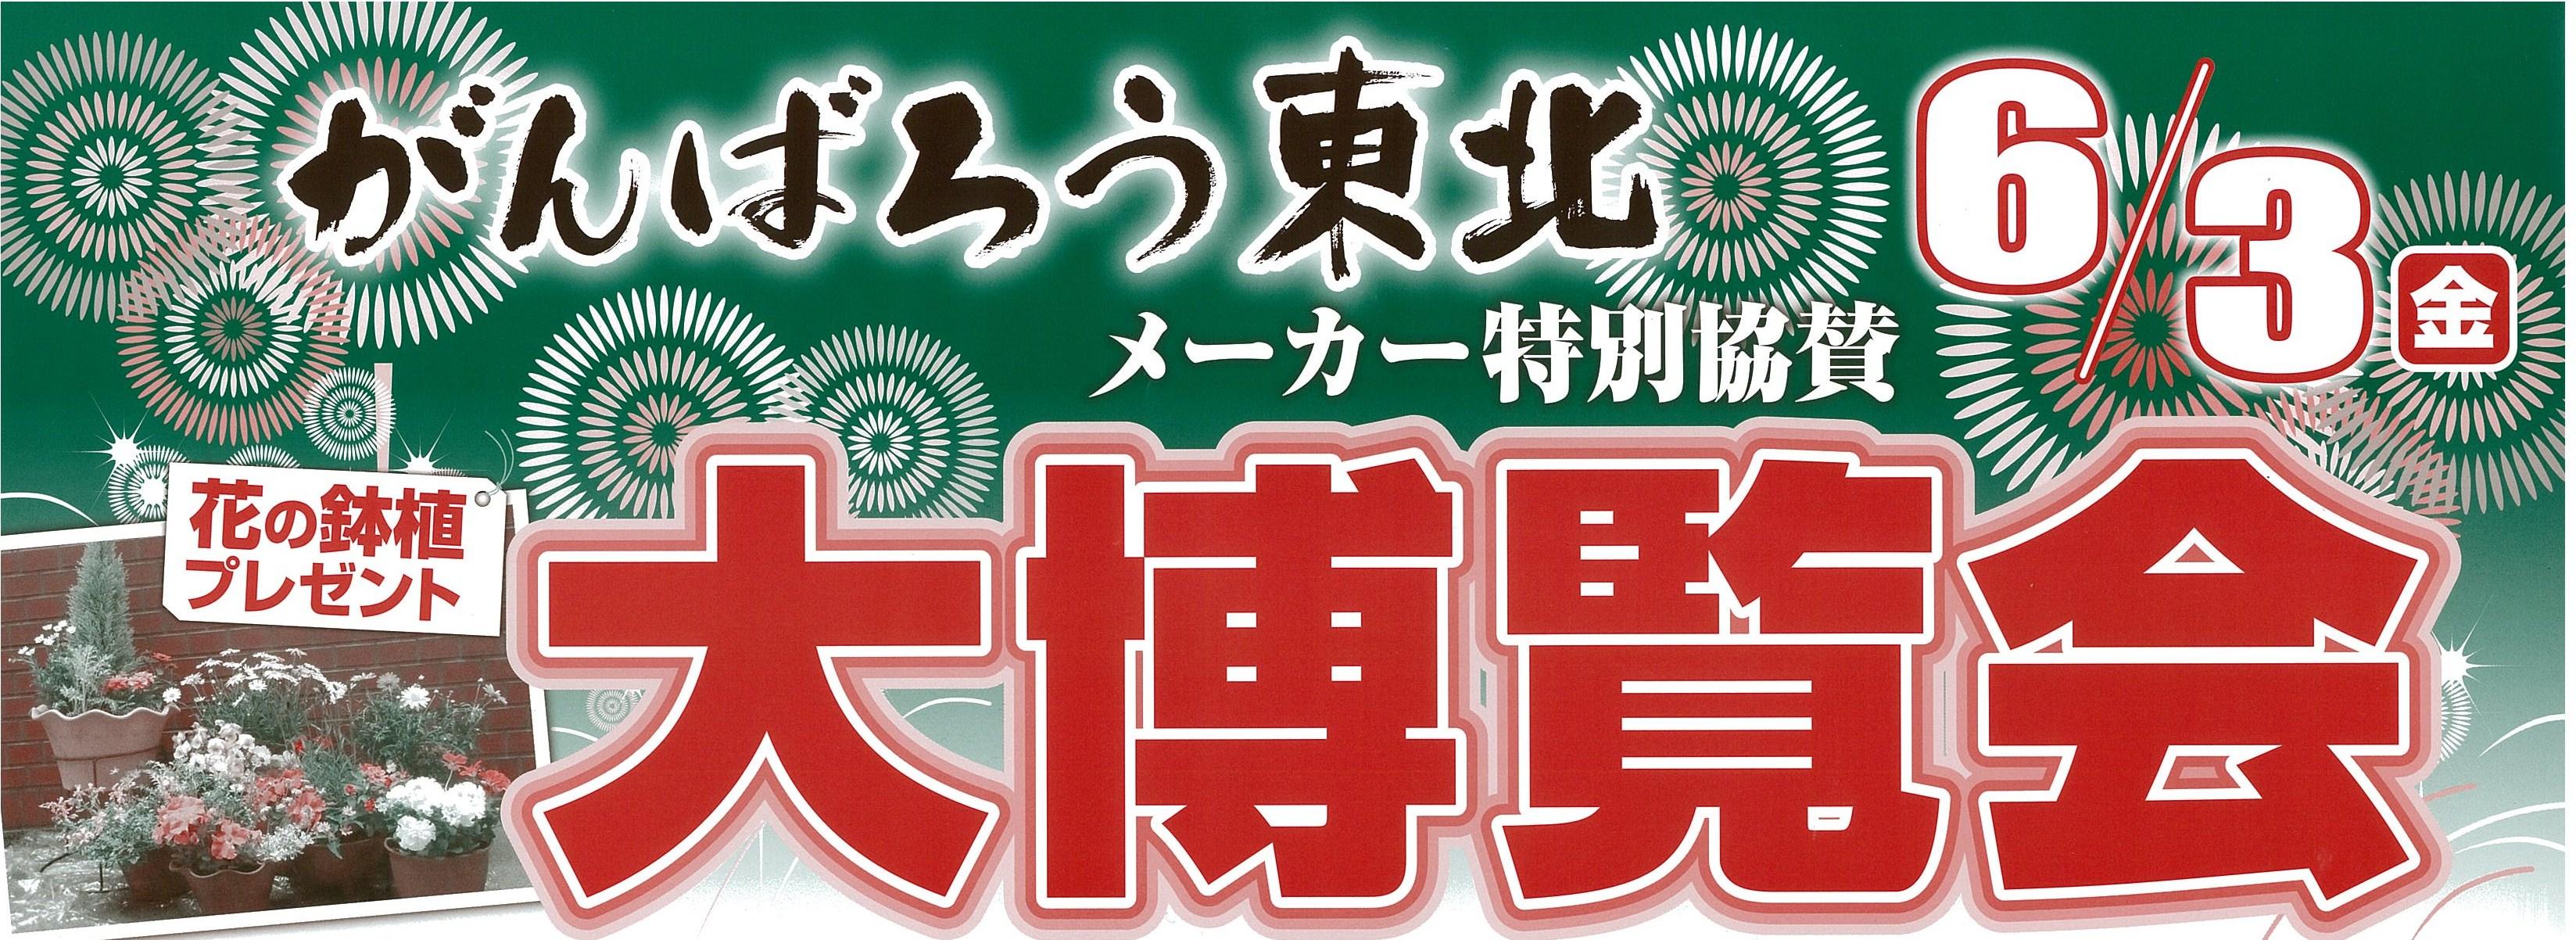 【6/3】夏物大博覧会!:画像